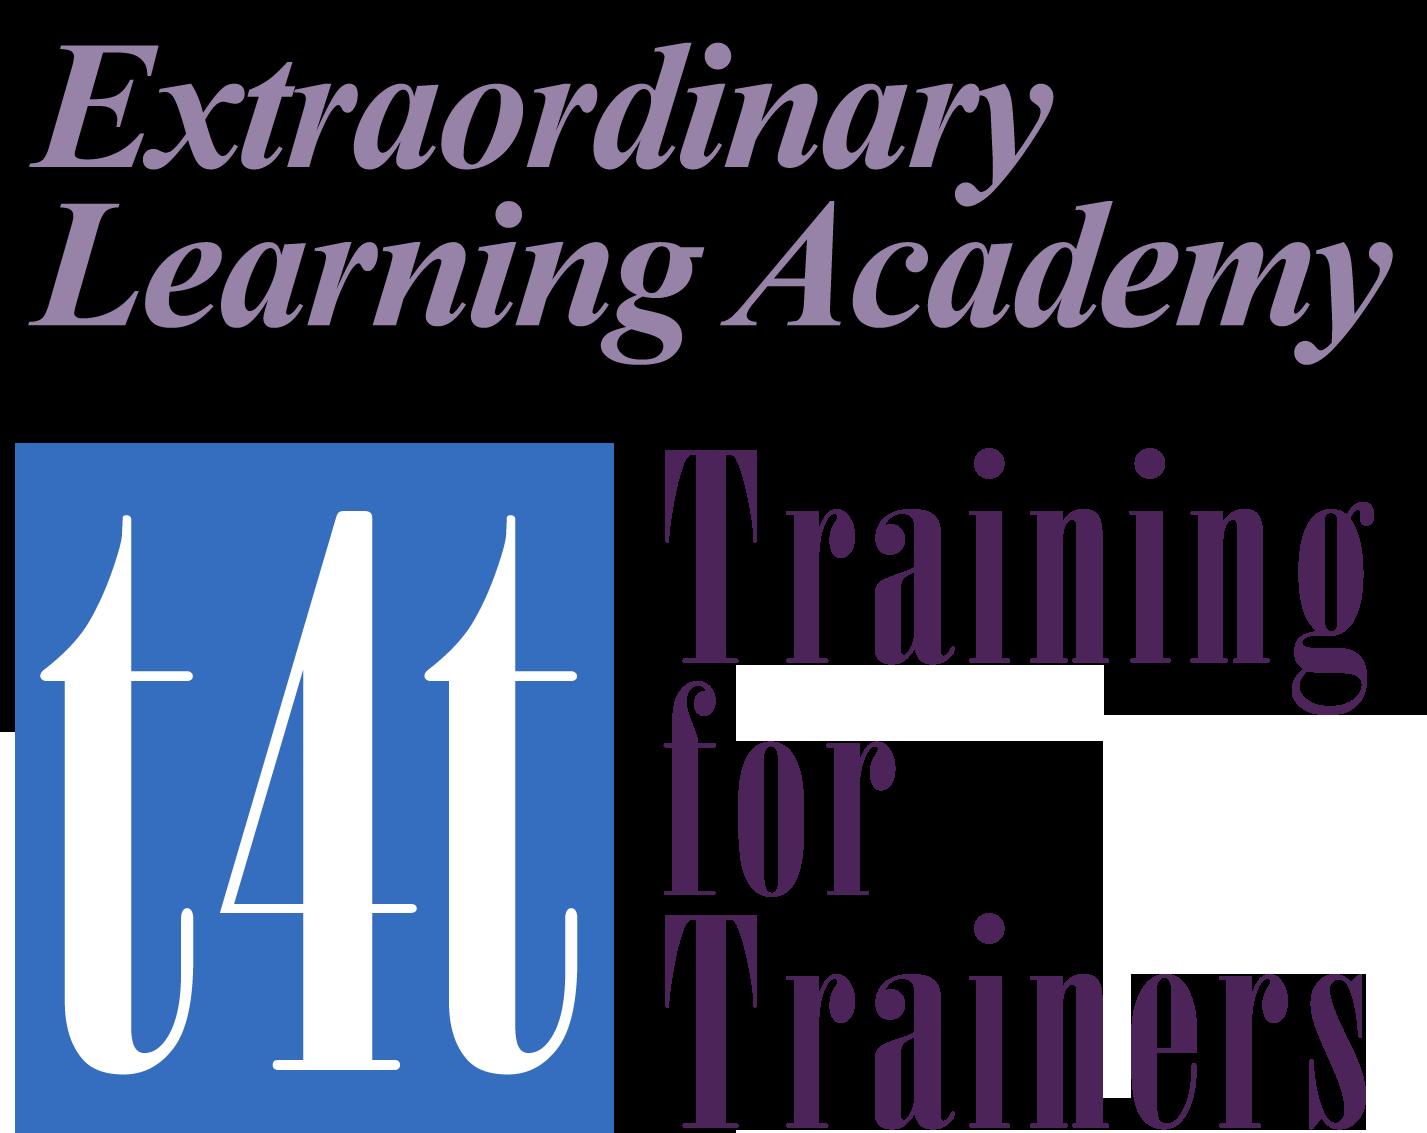 Extraordinary Learning Academy Logo